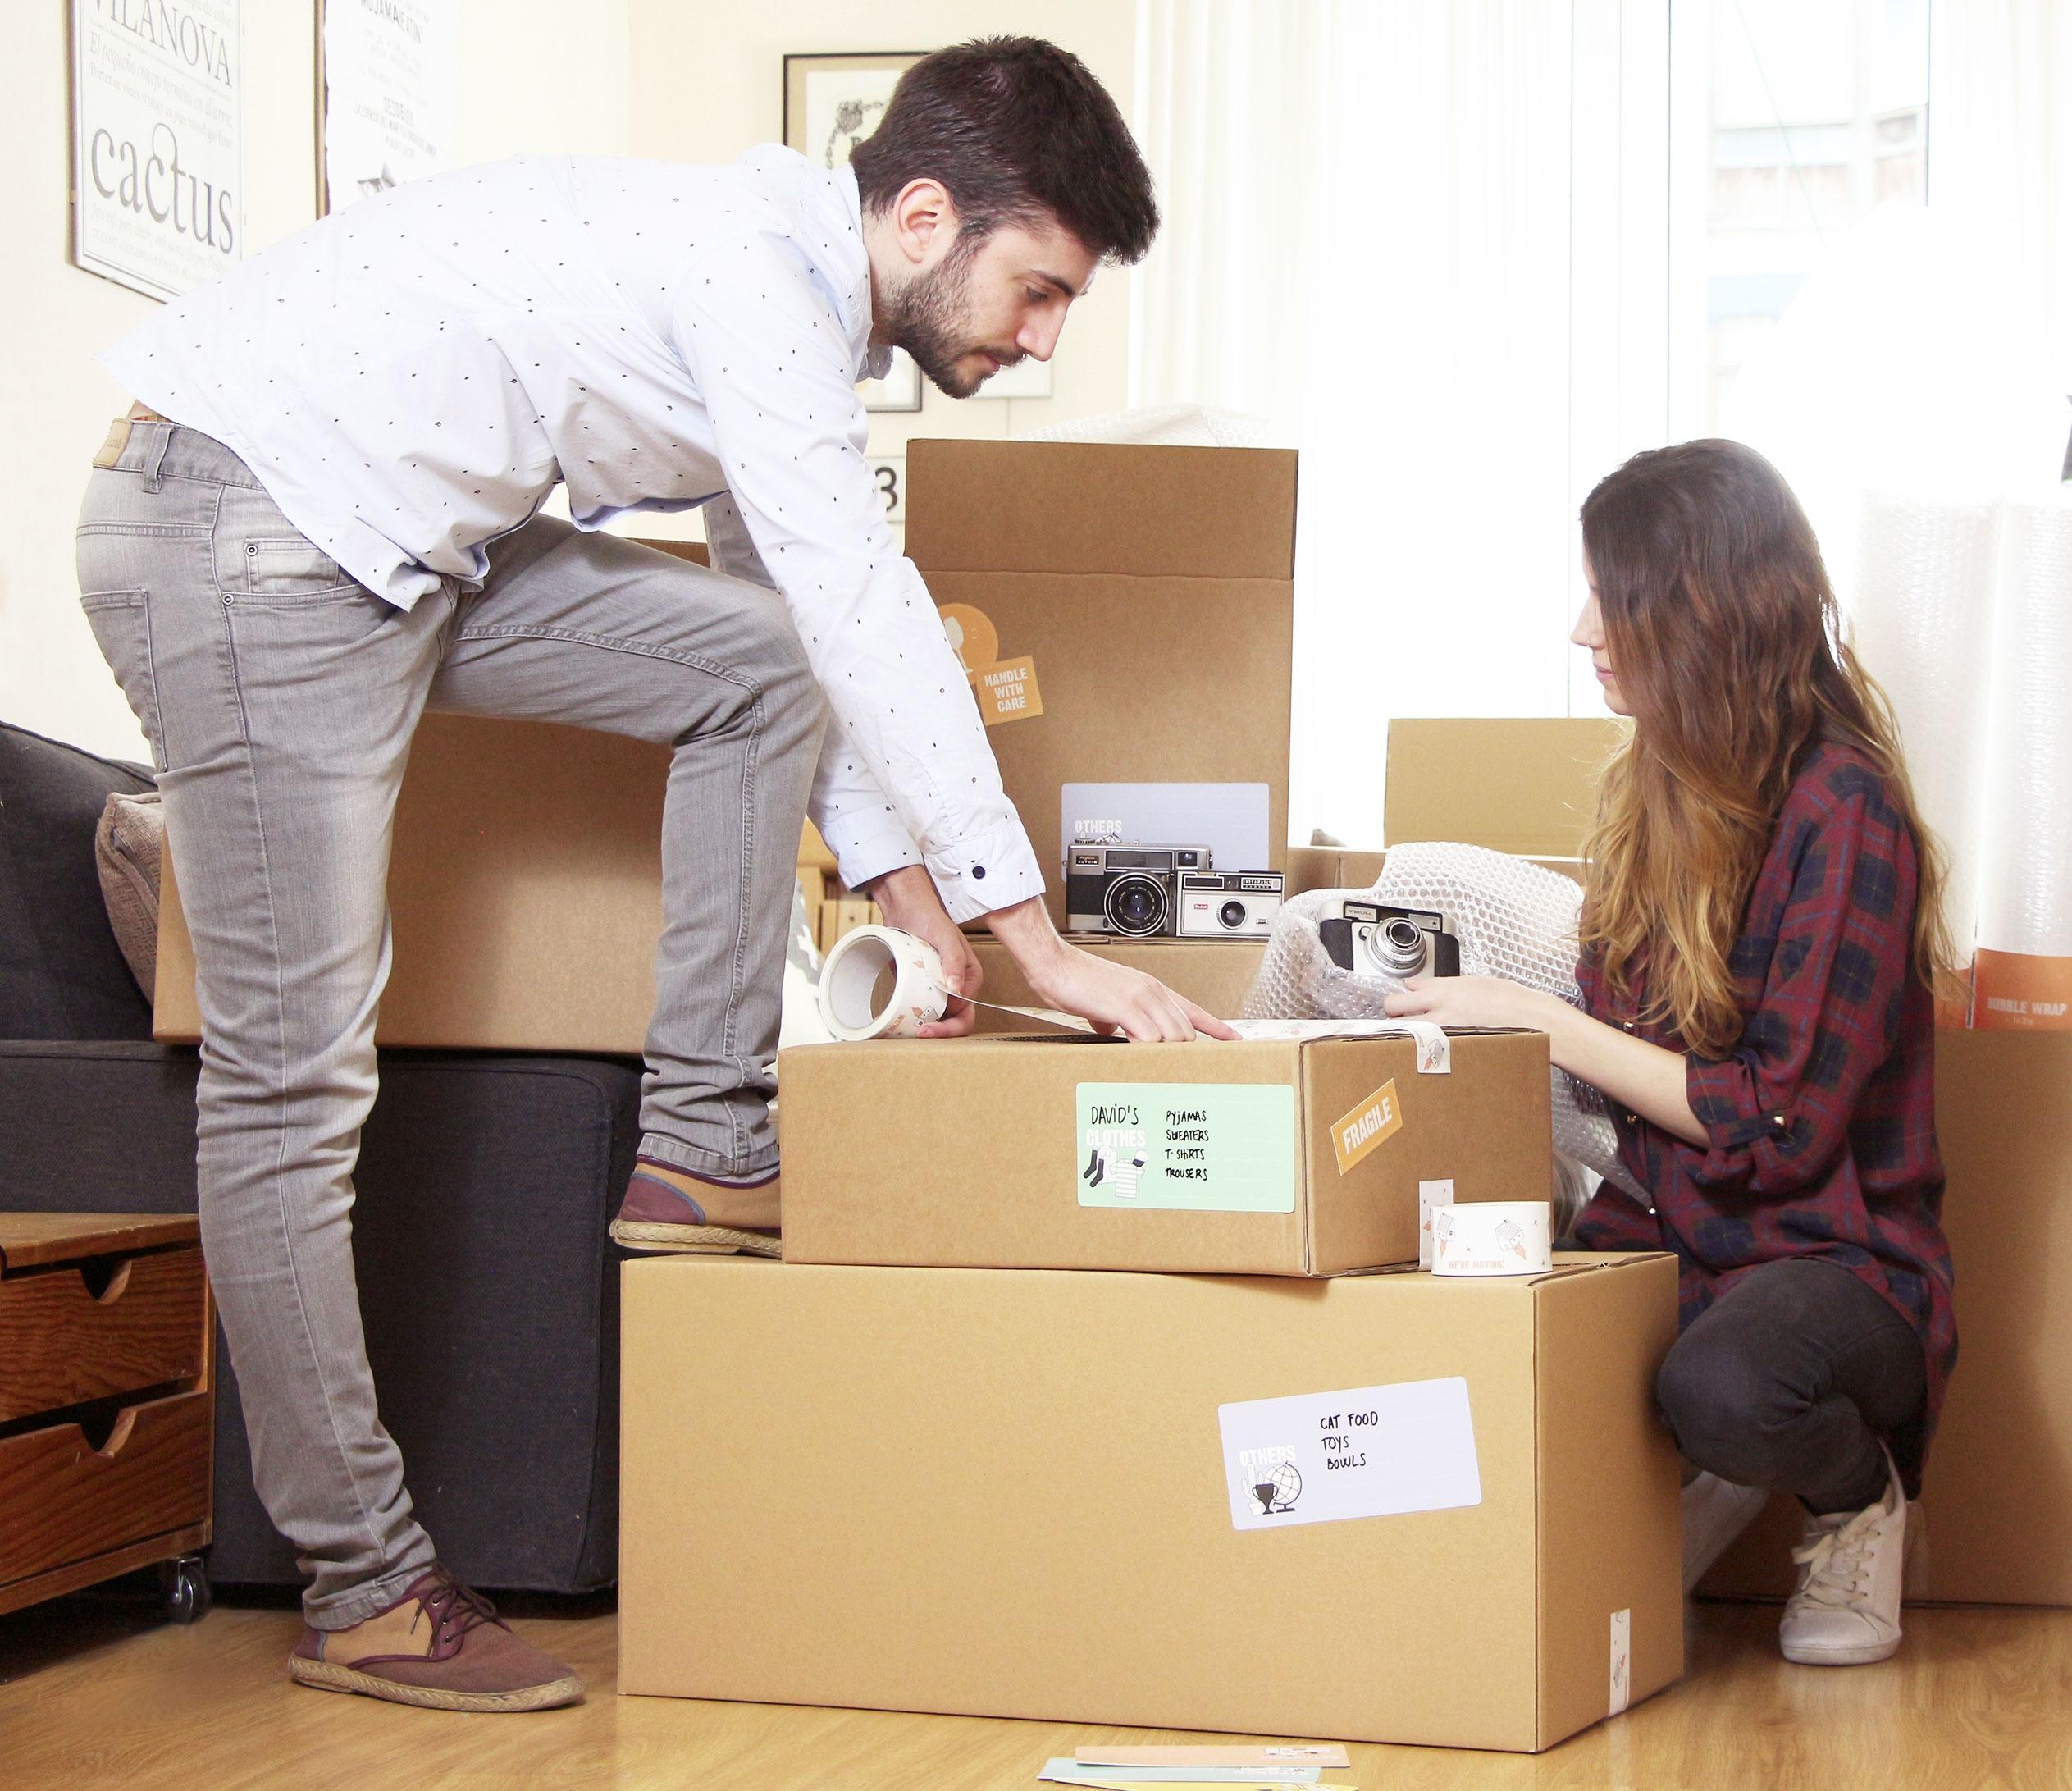 Comprar cajas mudanza beautiful cajas cartn y embalaje en - Cajas de mudanza ...